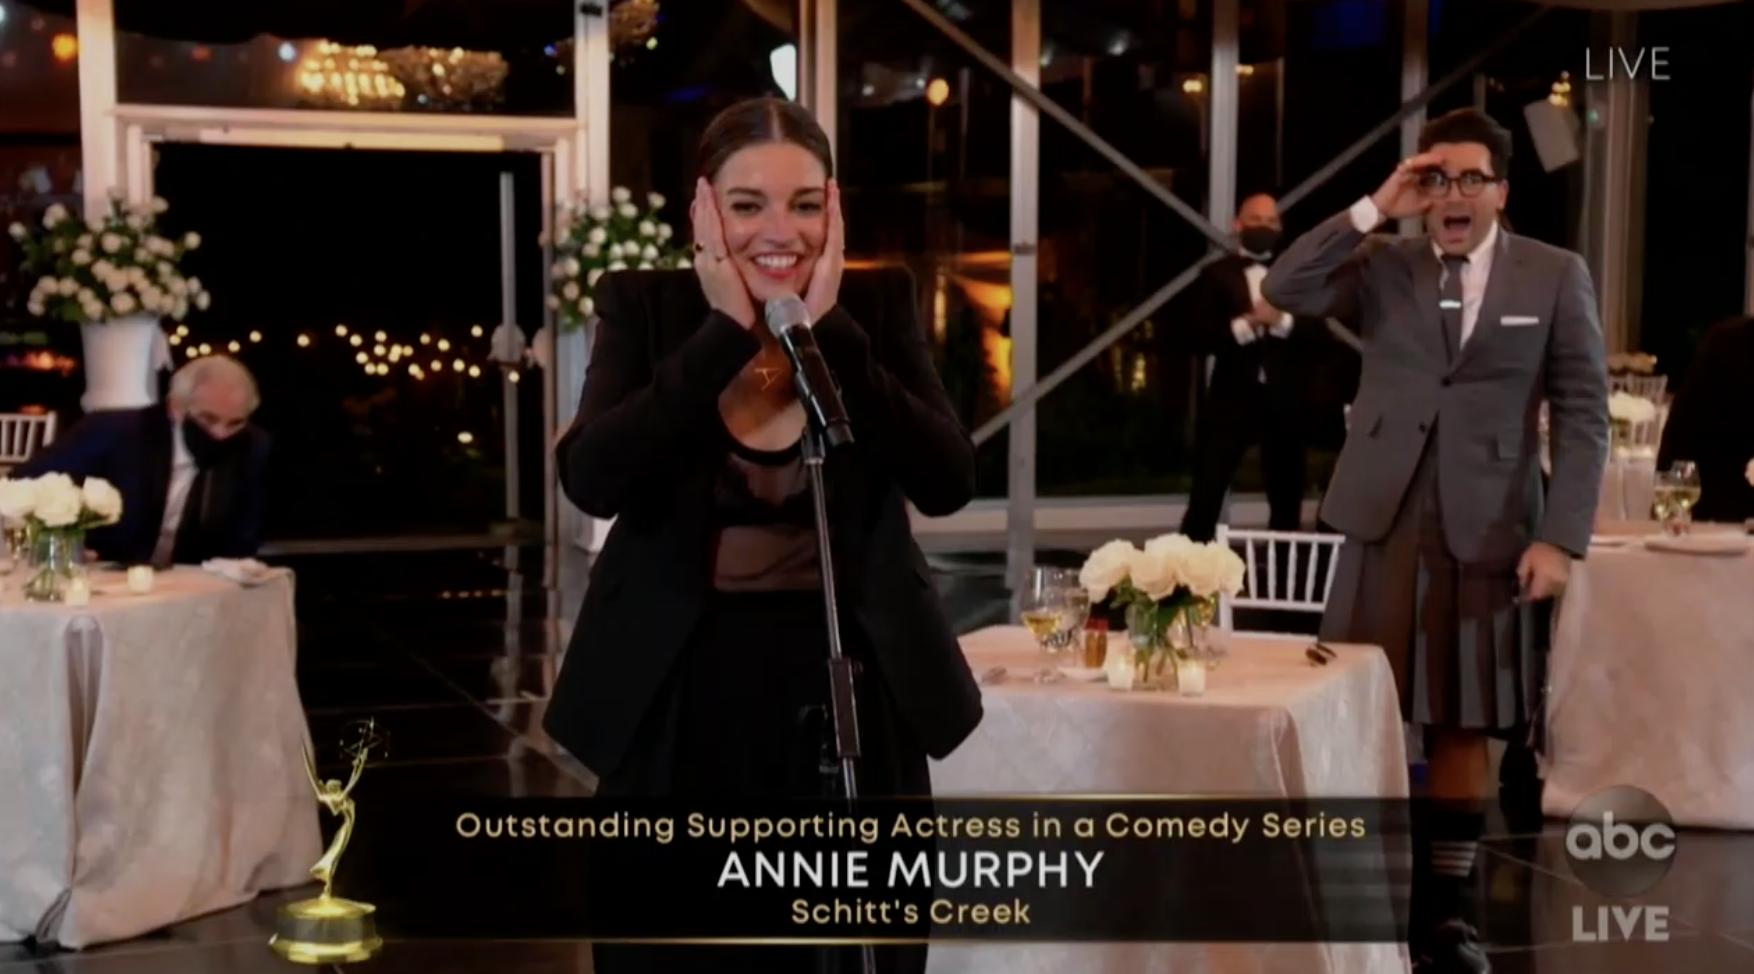 Annie Murphy winning her 2020 Emmy Award